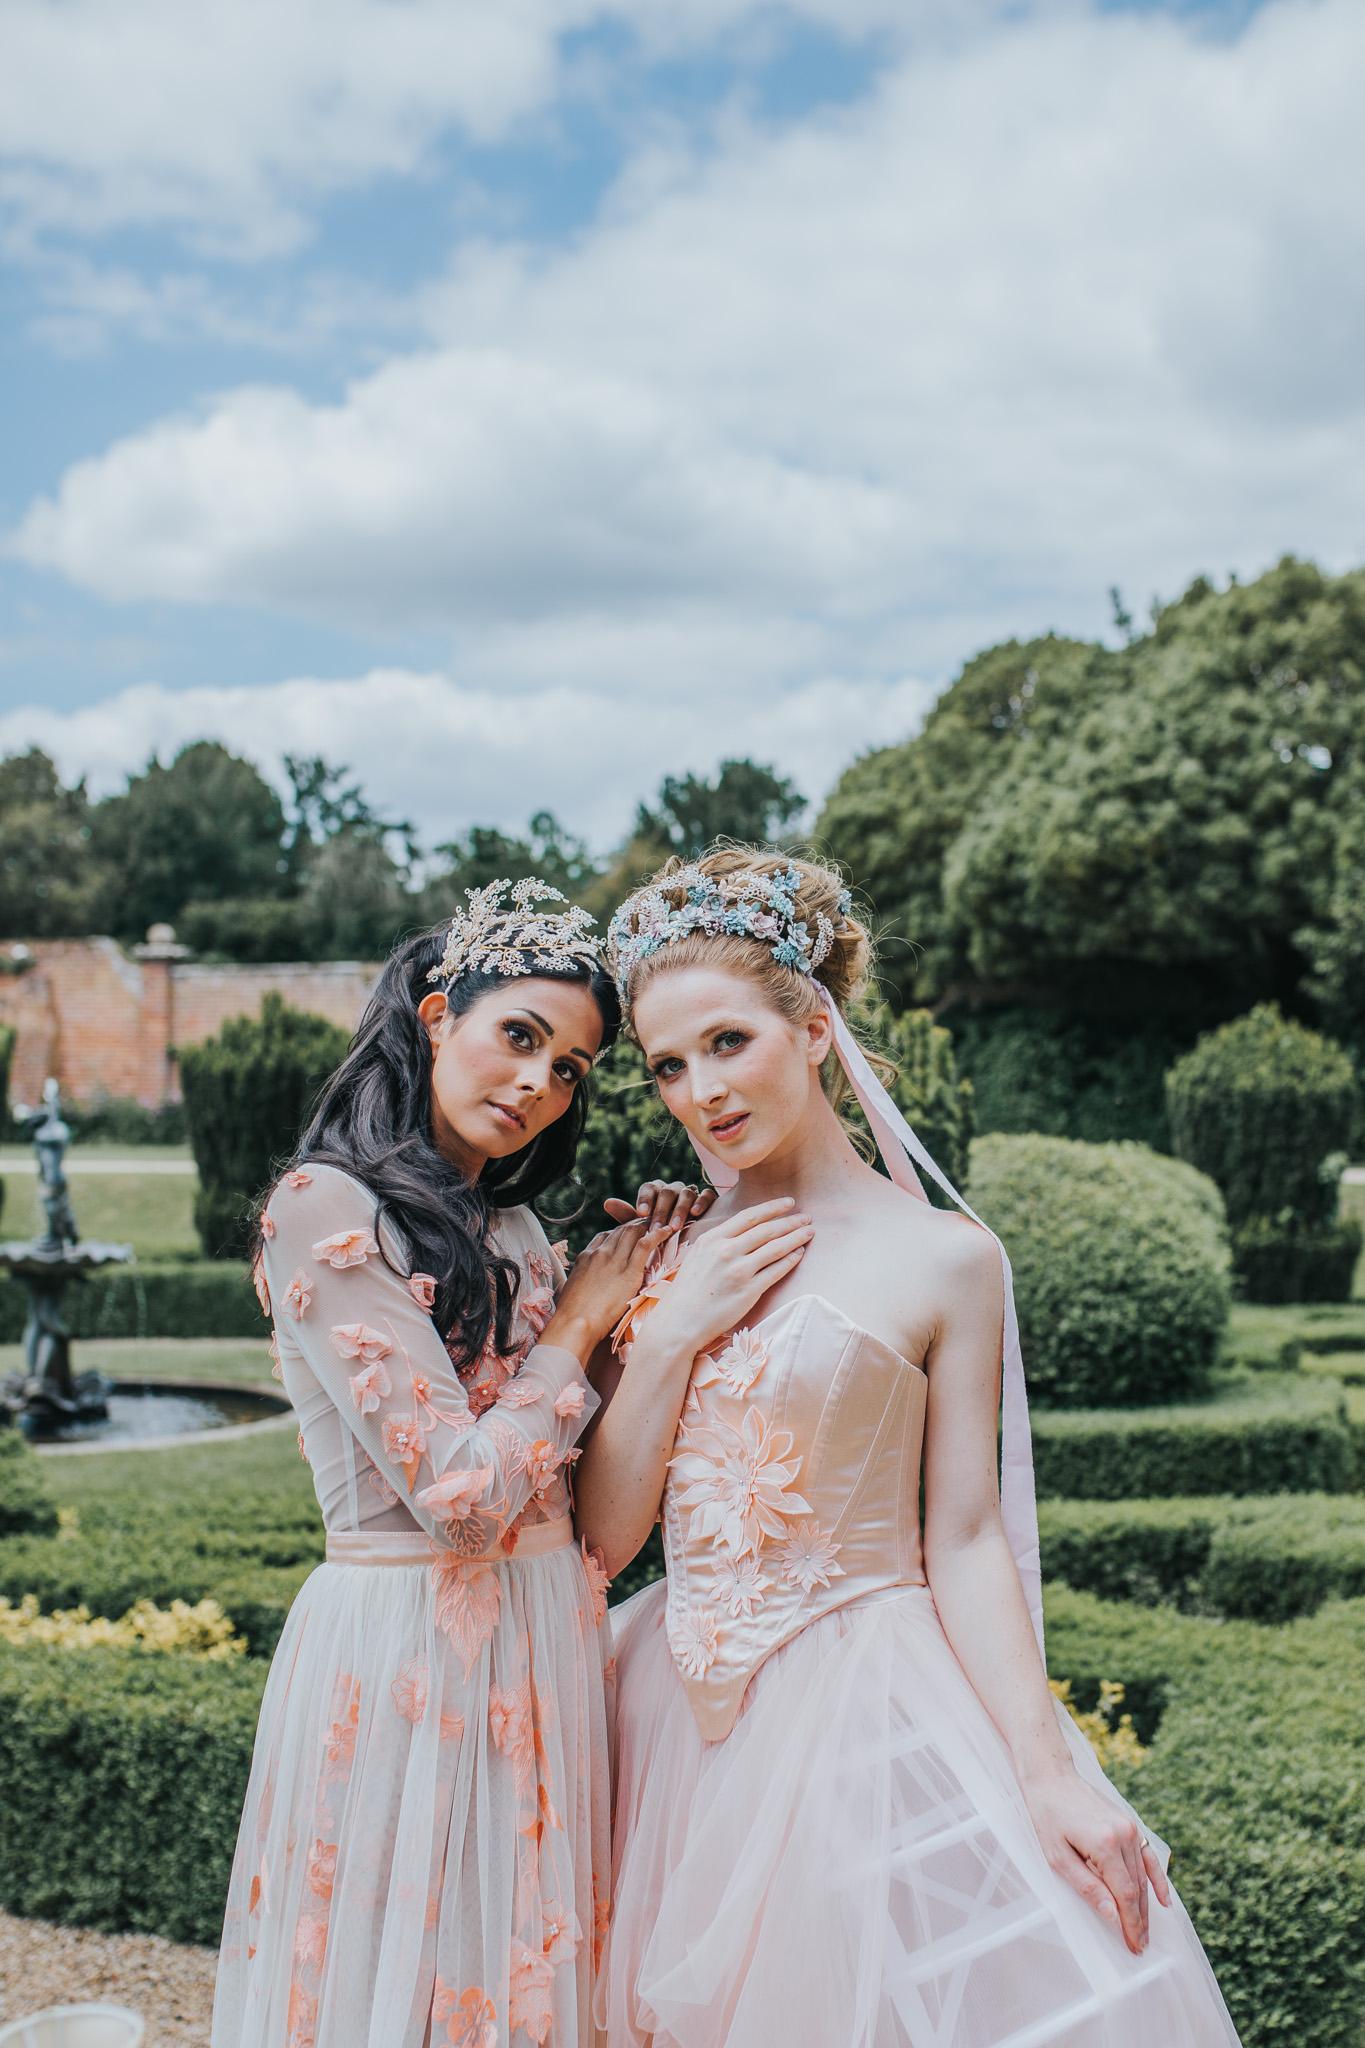 bridgerton wedding - regency wedding - whimsical wedding - vintage wedding - fairytale wedding dress - unique bridal wear - peach wedding dress - unique wedding ideas - wedding editorial